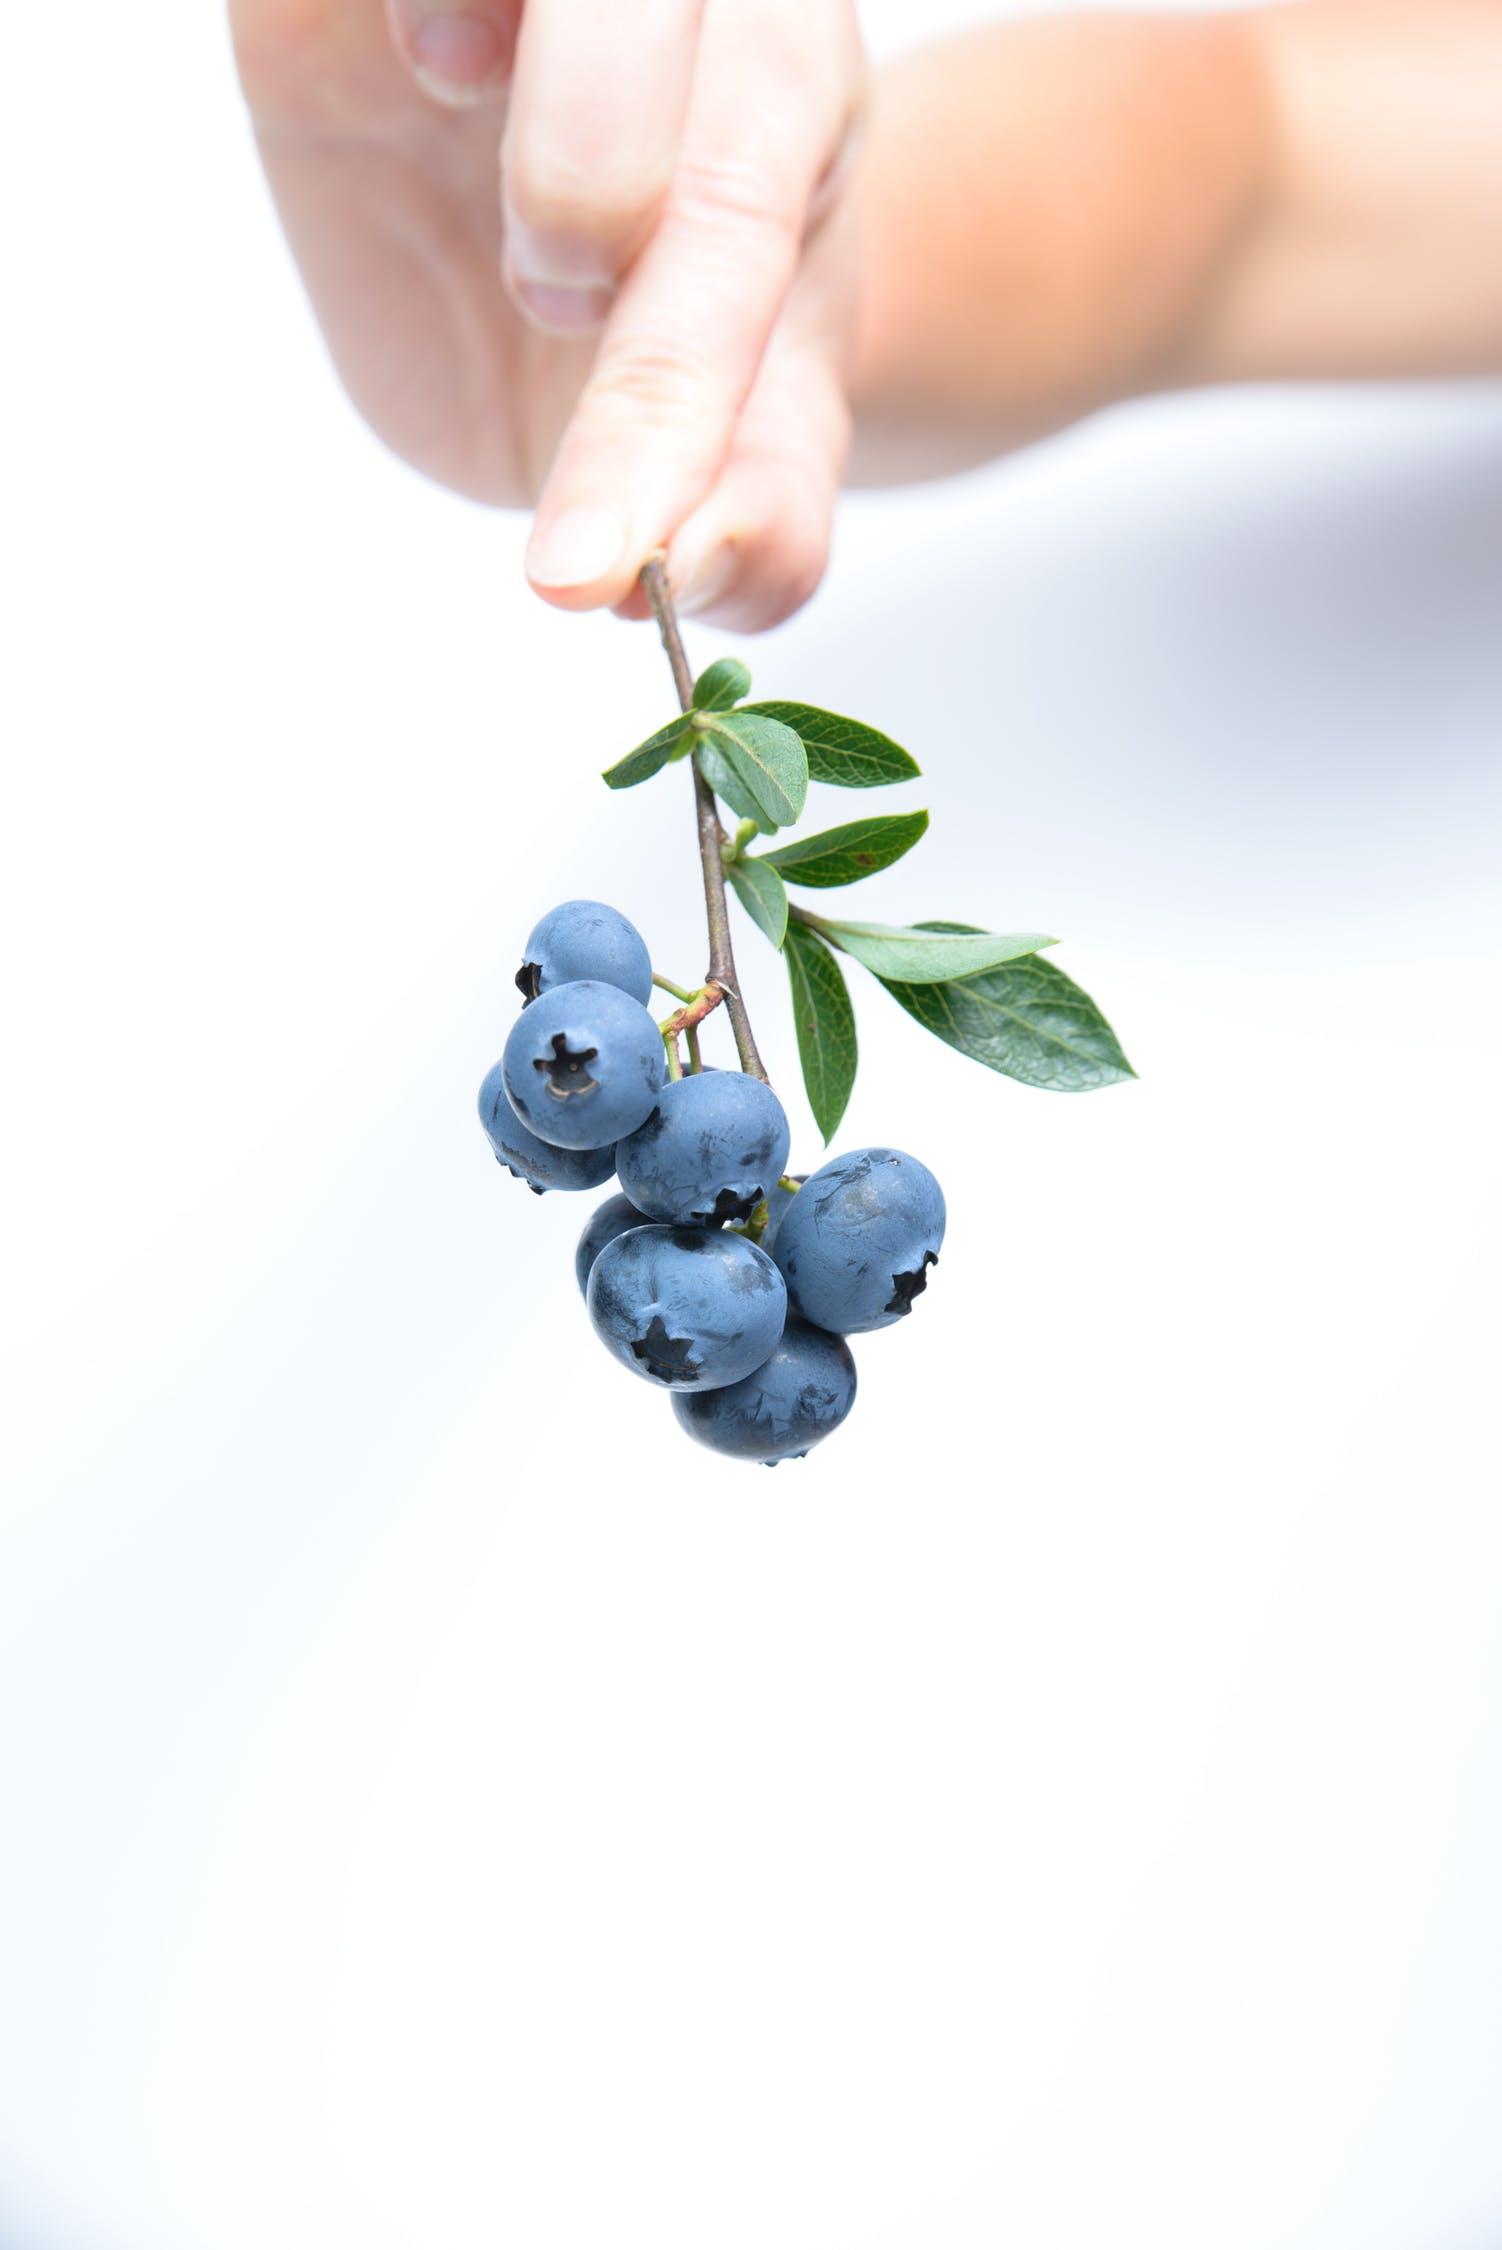 bàn tay cầm chùm blueberry